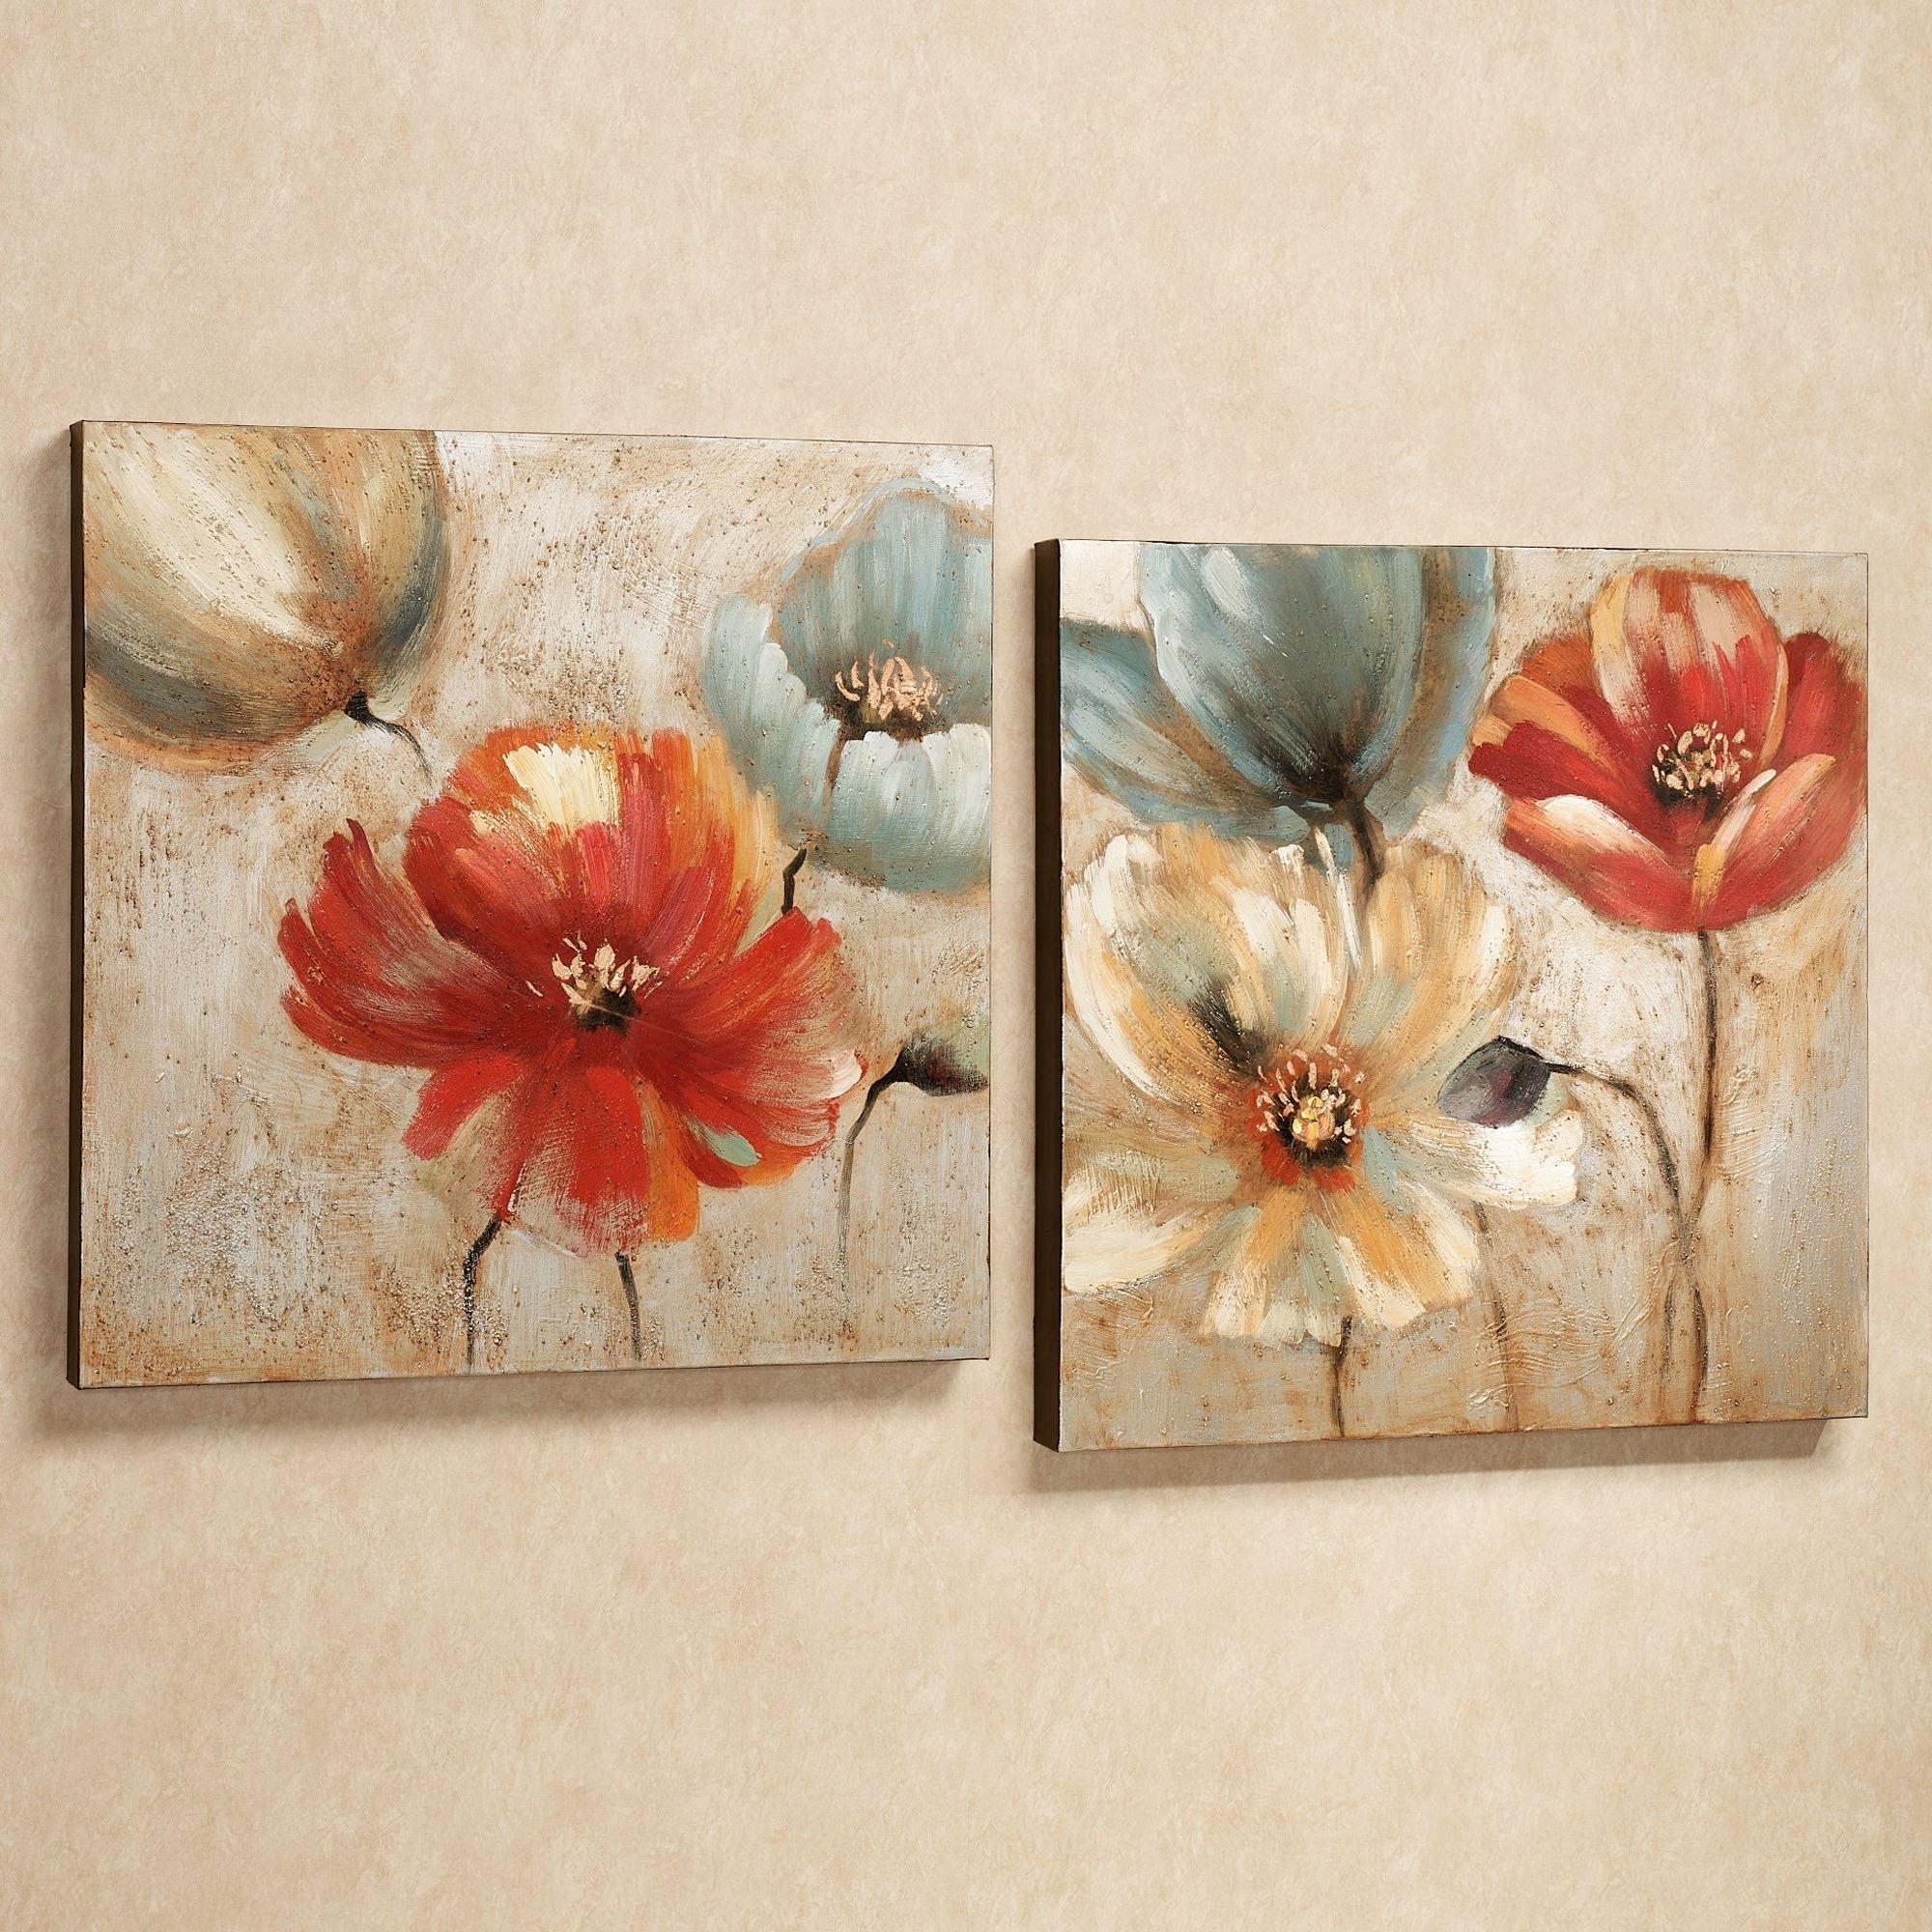 Joyful Garden Floral Canvas Wall Art Set Throughout Canvas Wall Art Sets (View 7 of 20)